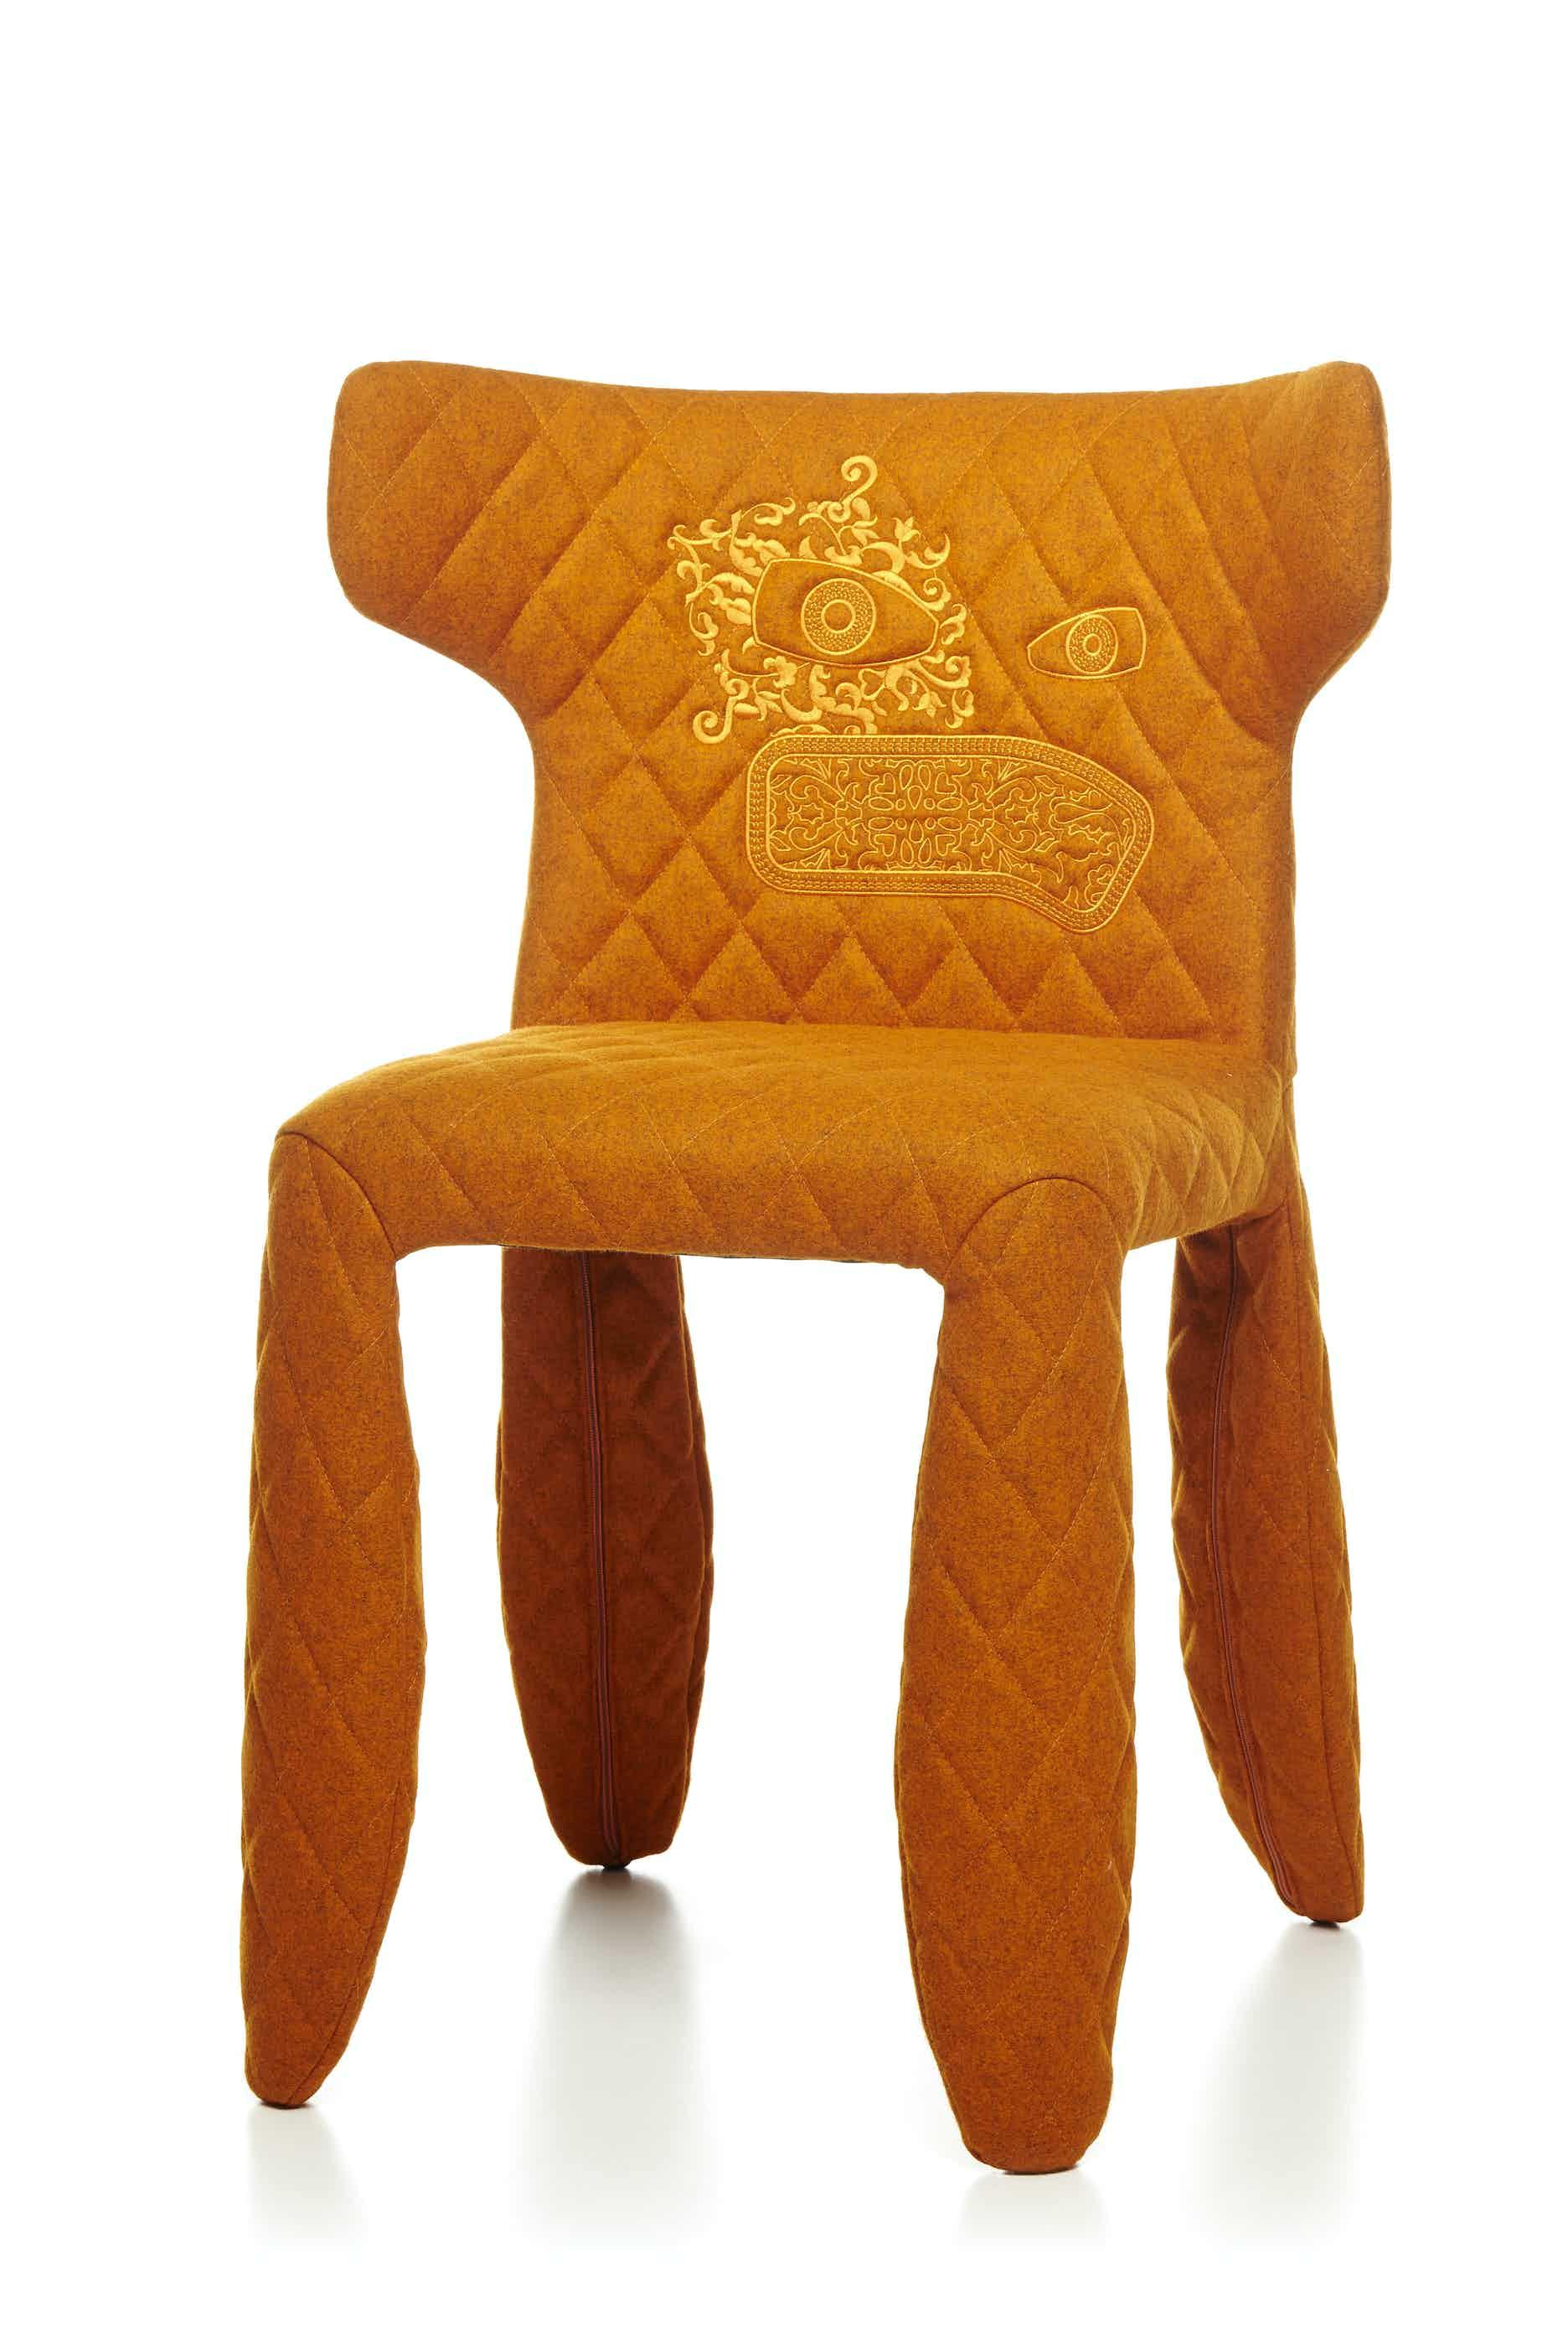 Moooi monster chair divina melange orange haute living